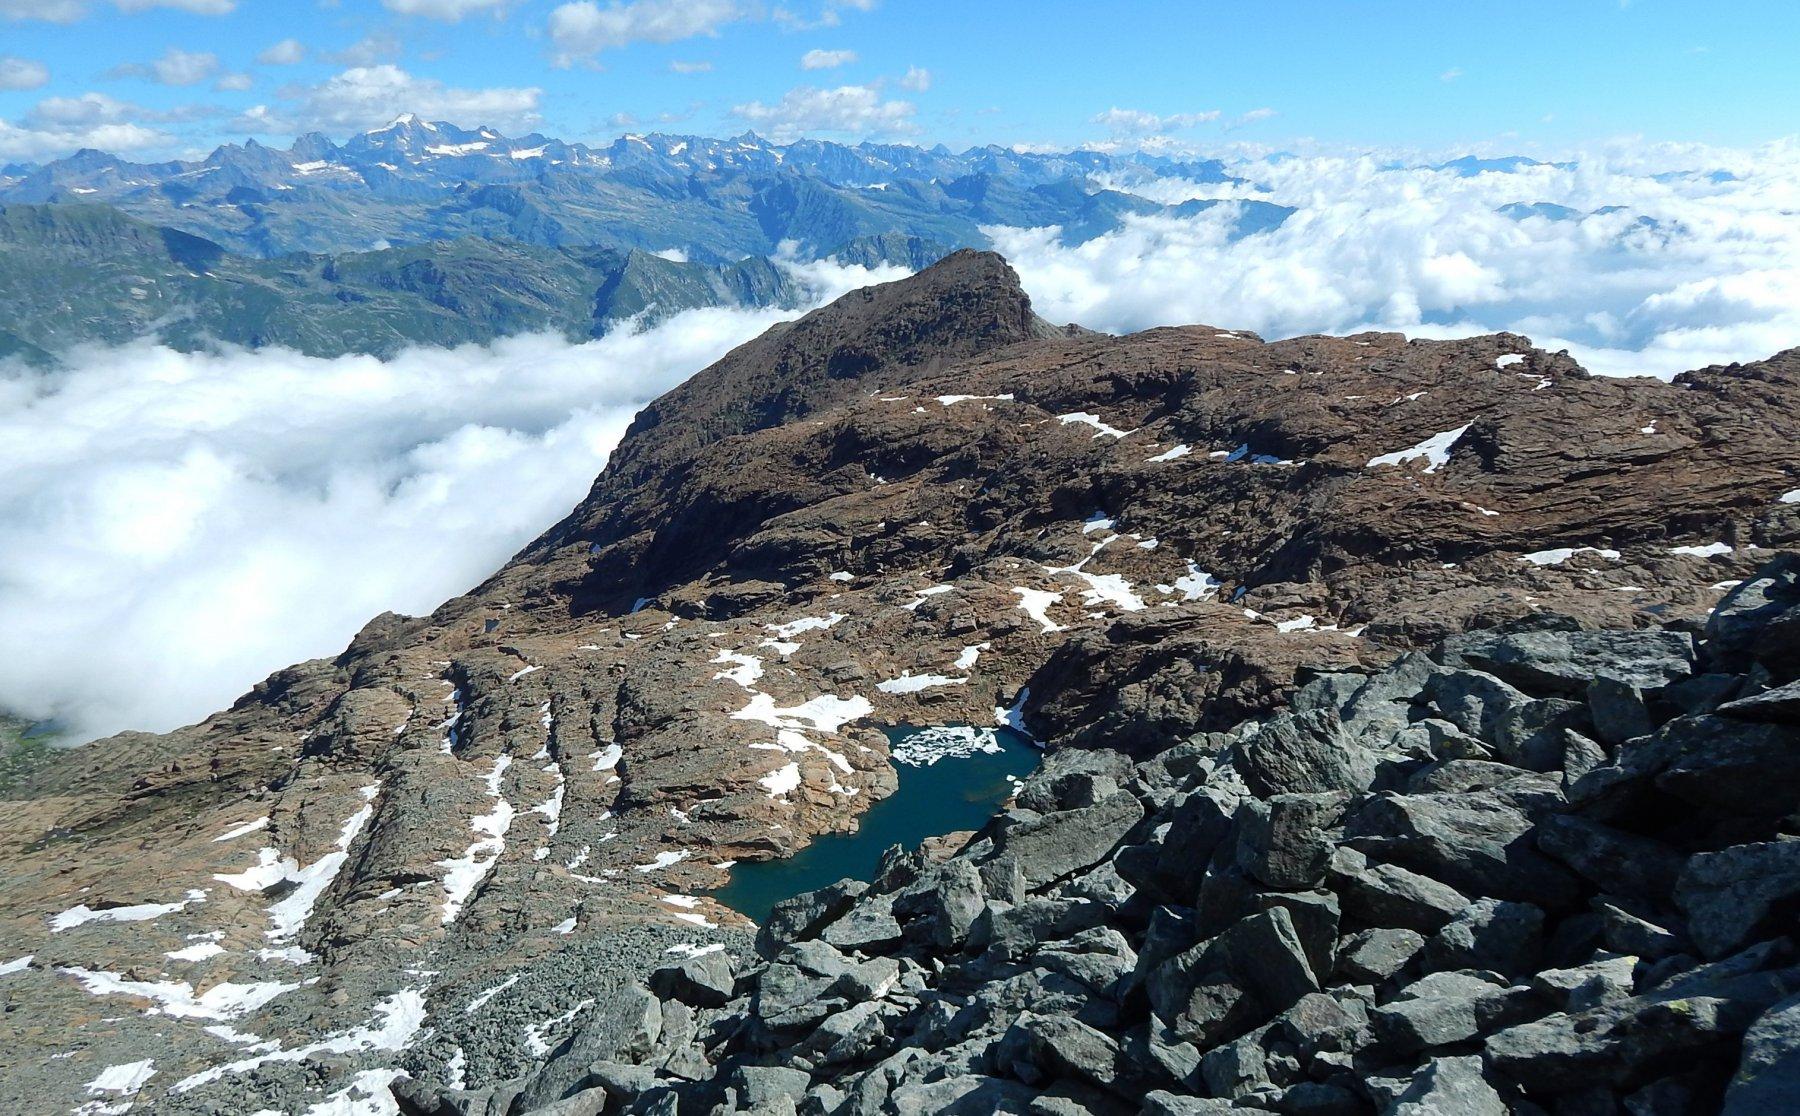 Monte Rosso d'Ala e uno dei laghi Bianchi